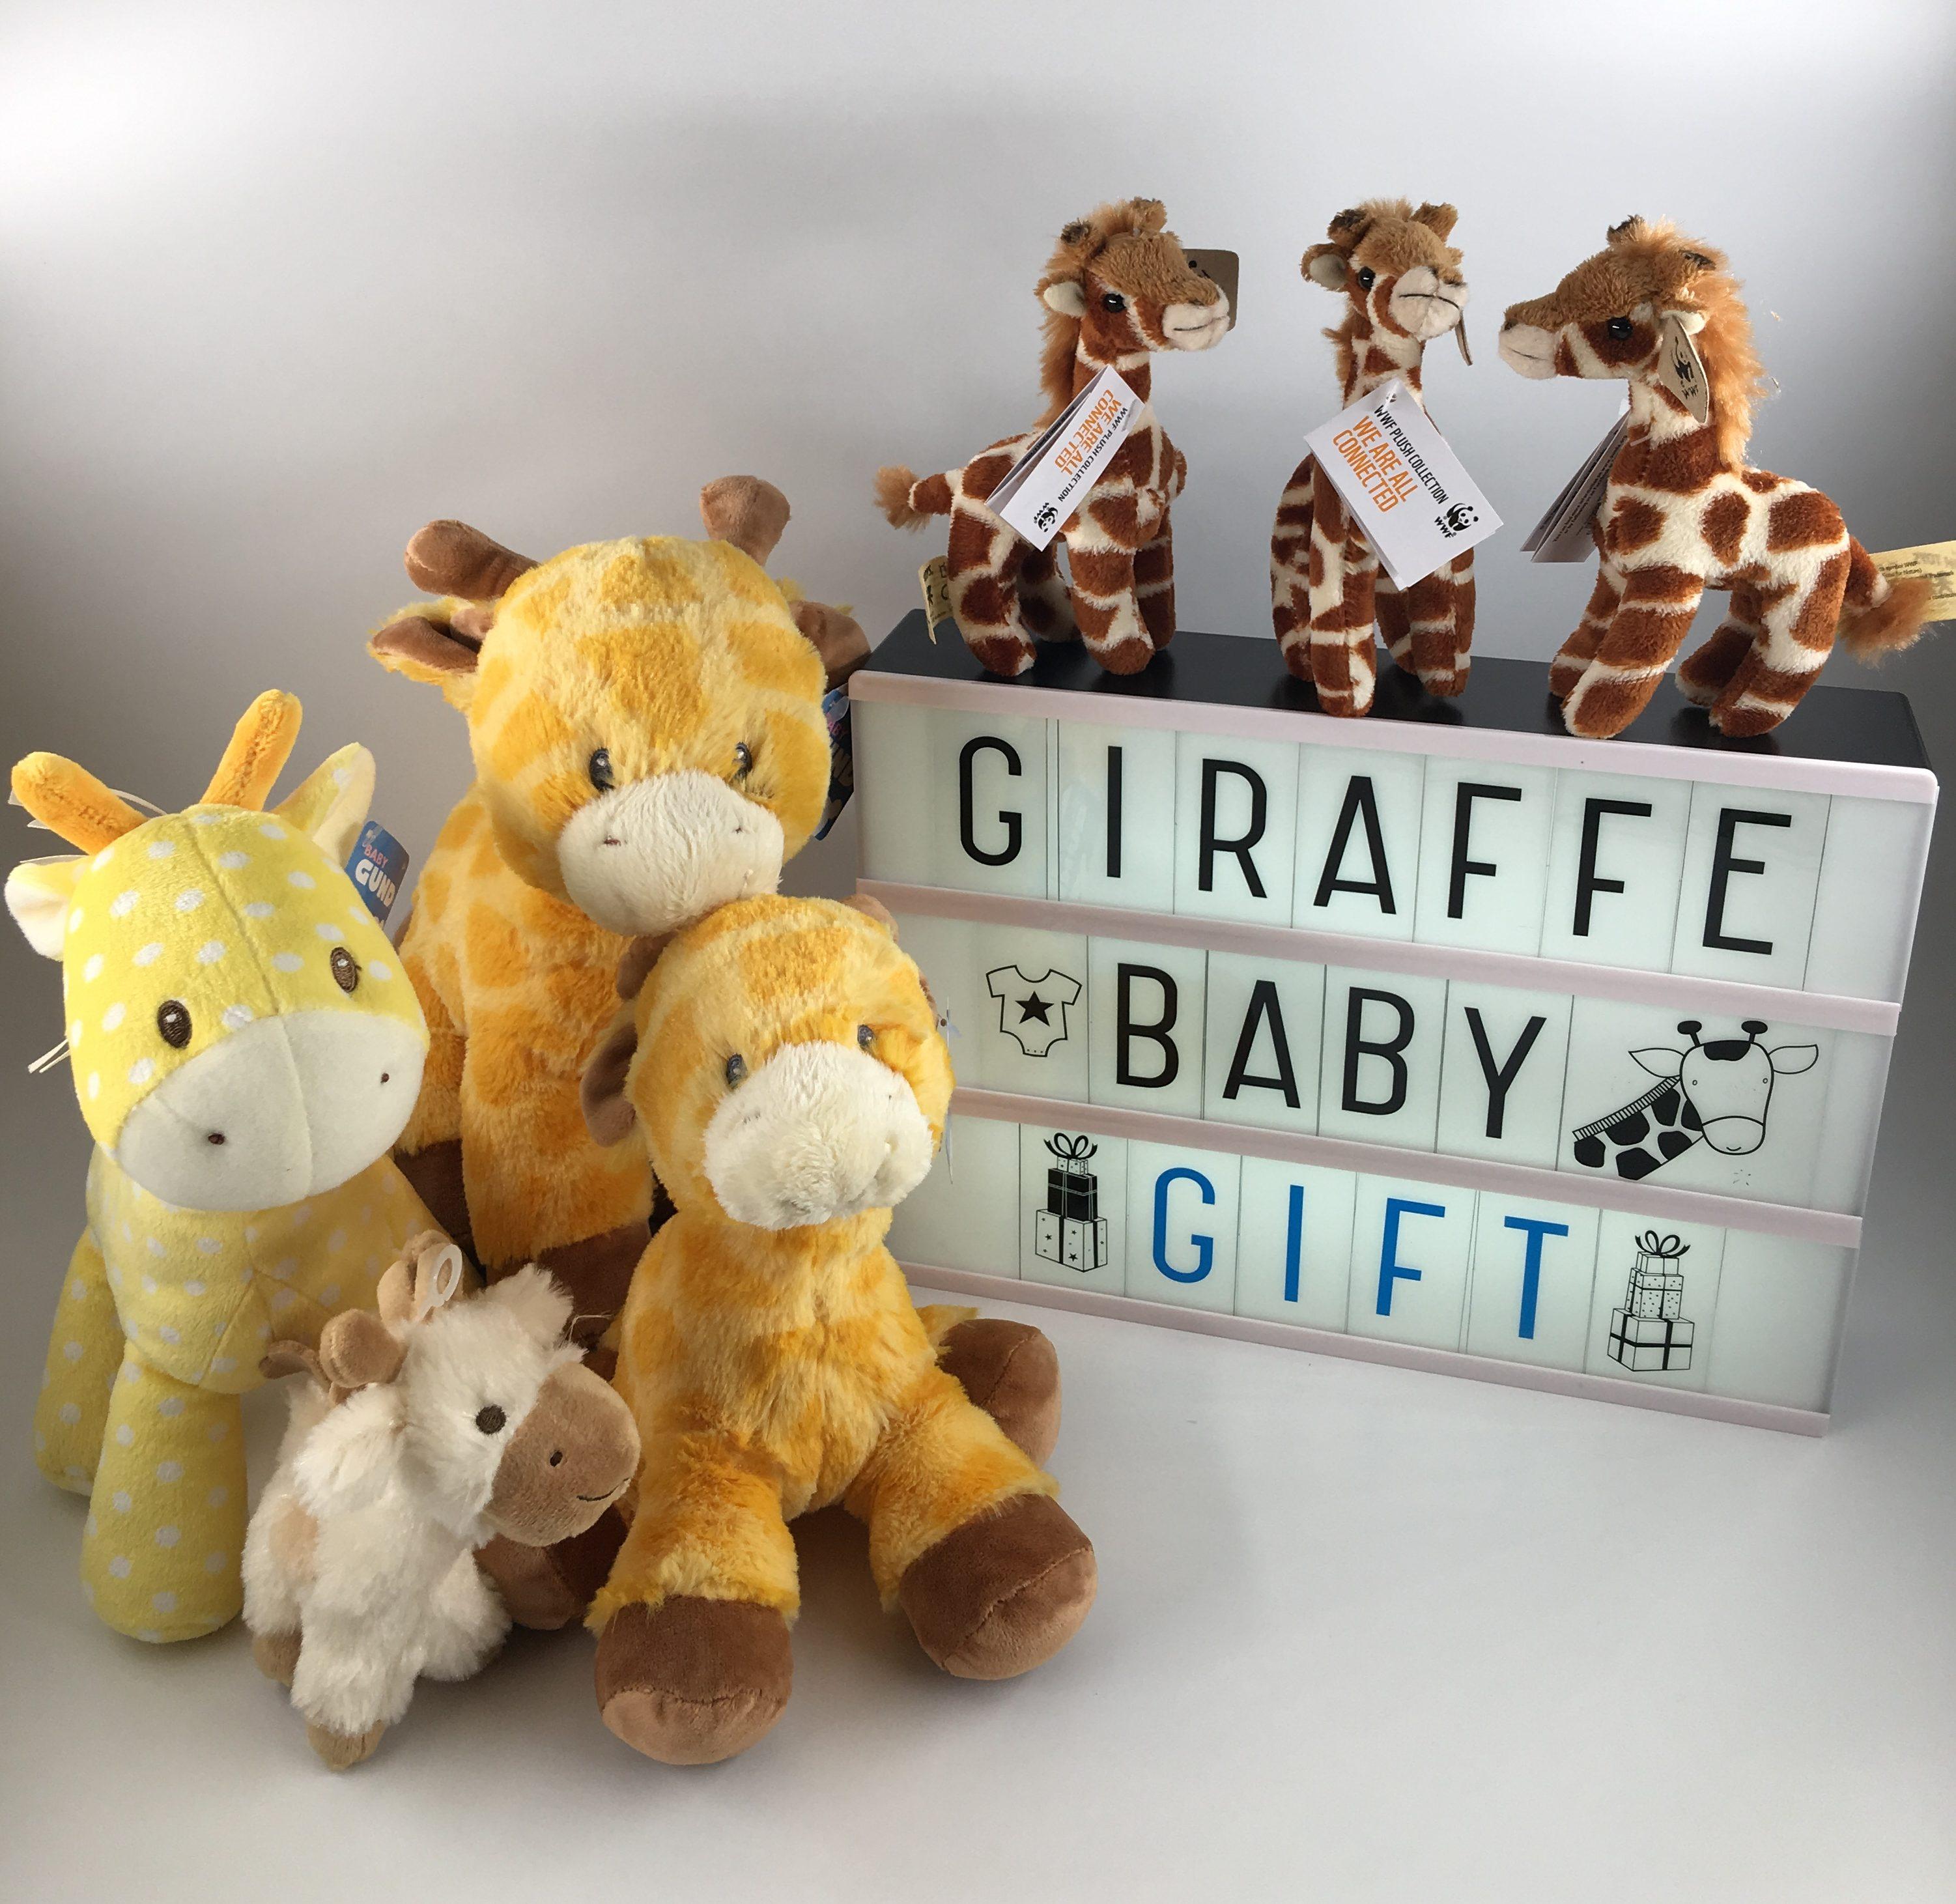 Giraffe Toy Baby Gifts